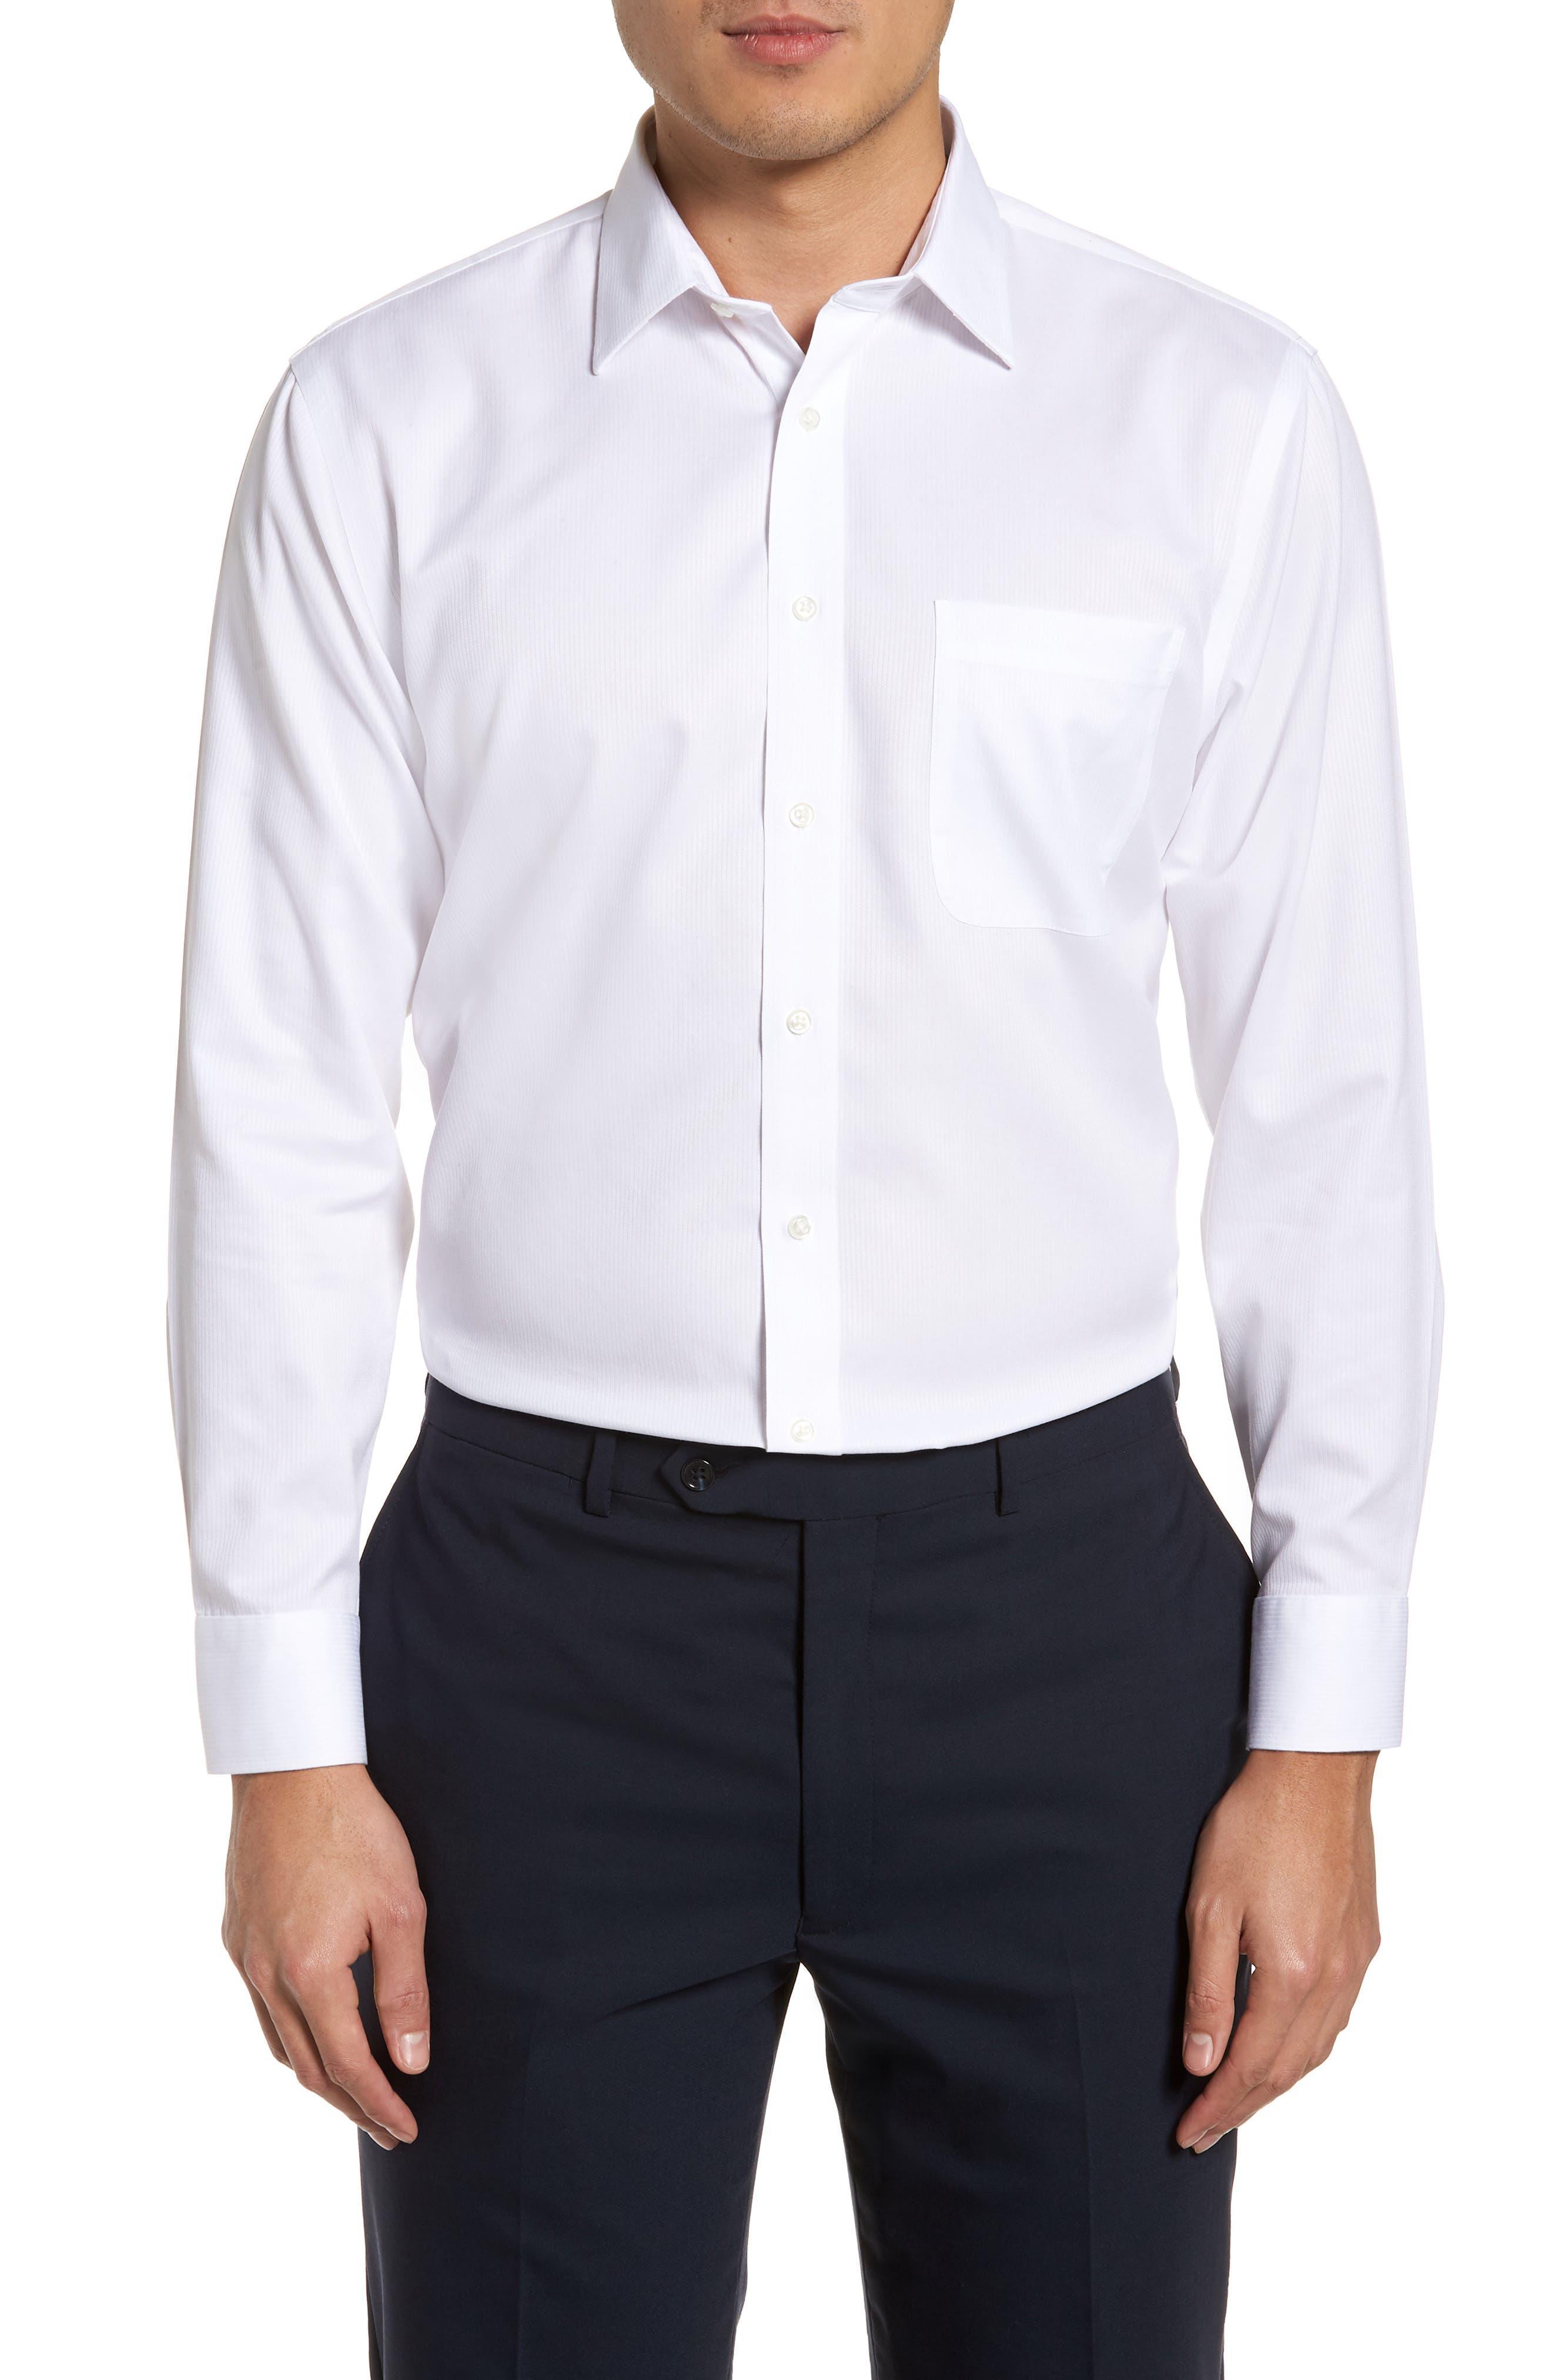 Smartcare<sup>™</sup> Trim Fit Dress Shirt,                             Main thumbnail 1, color,                             WHITE